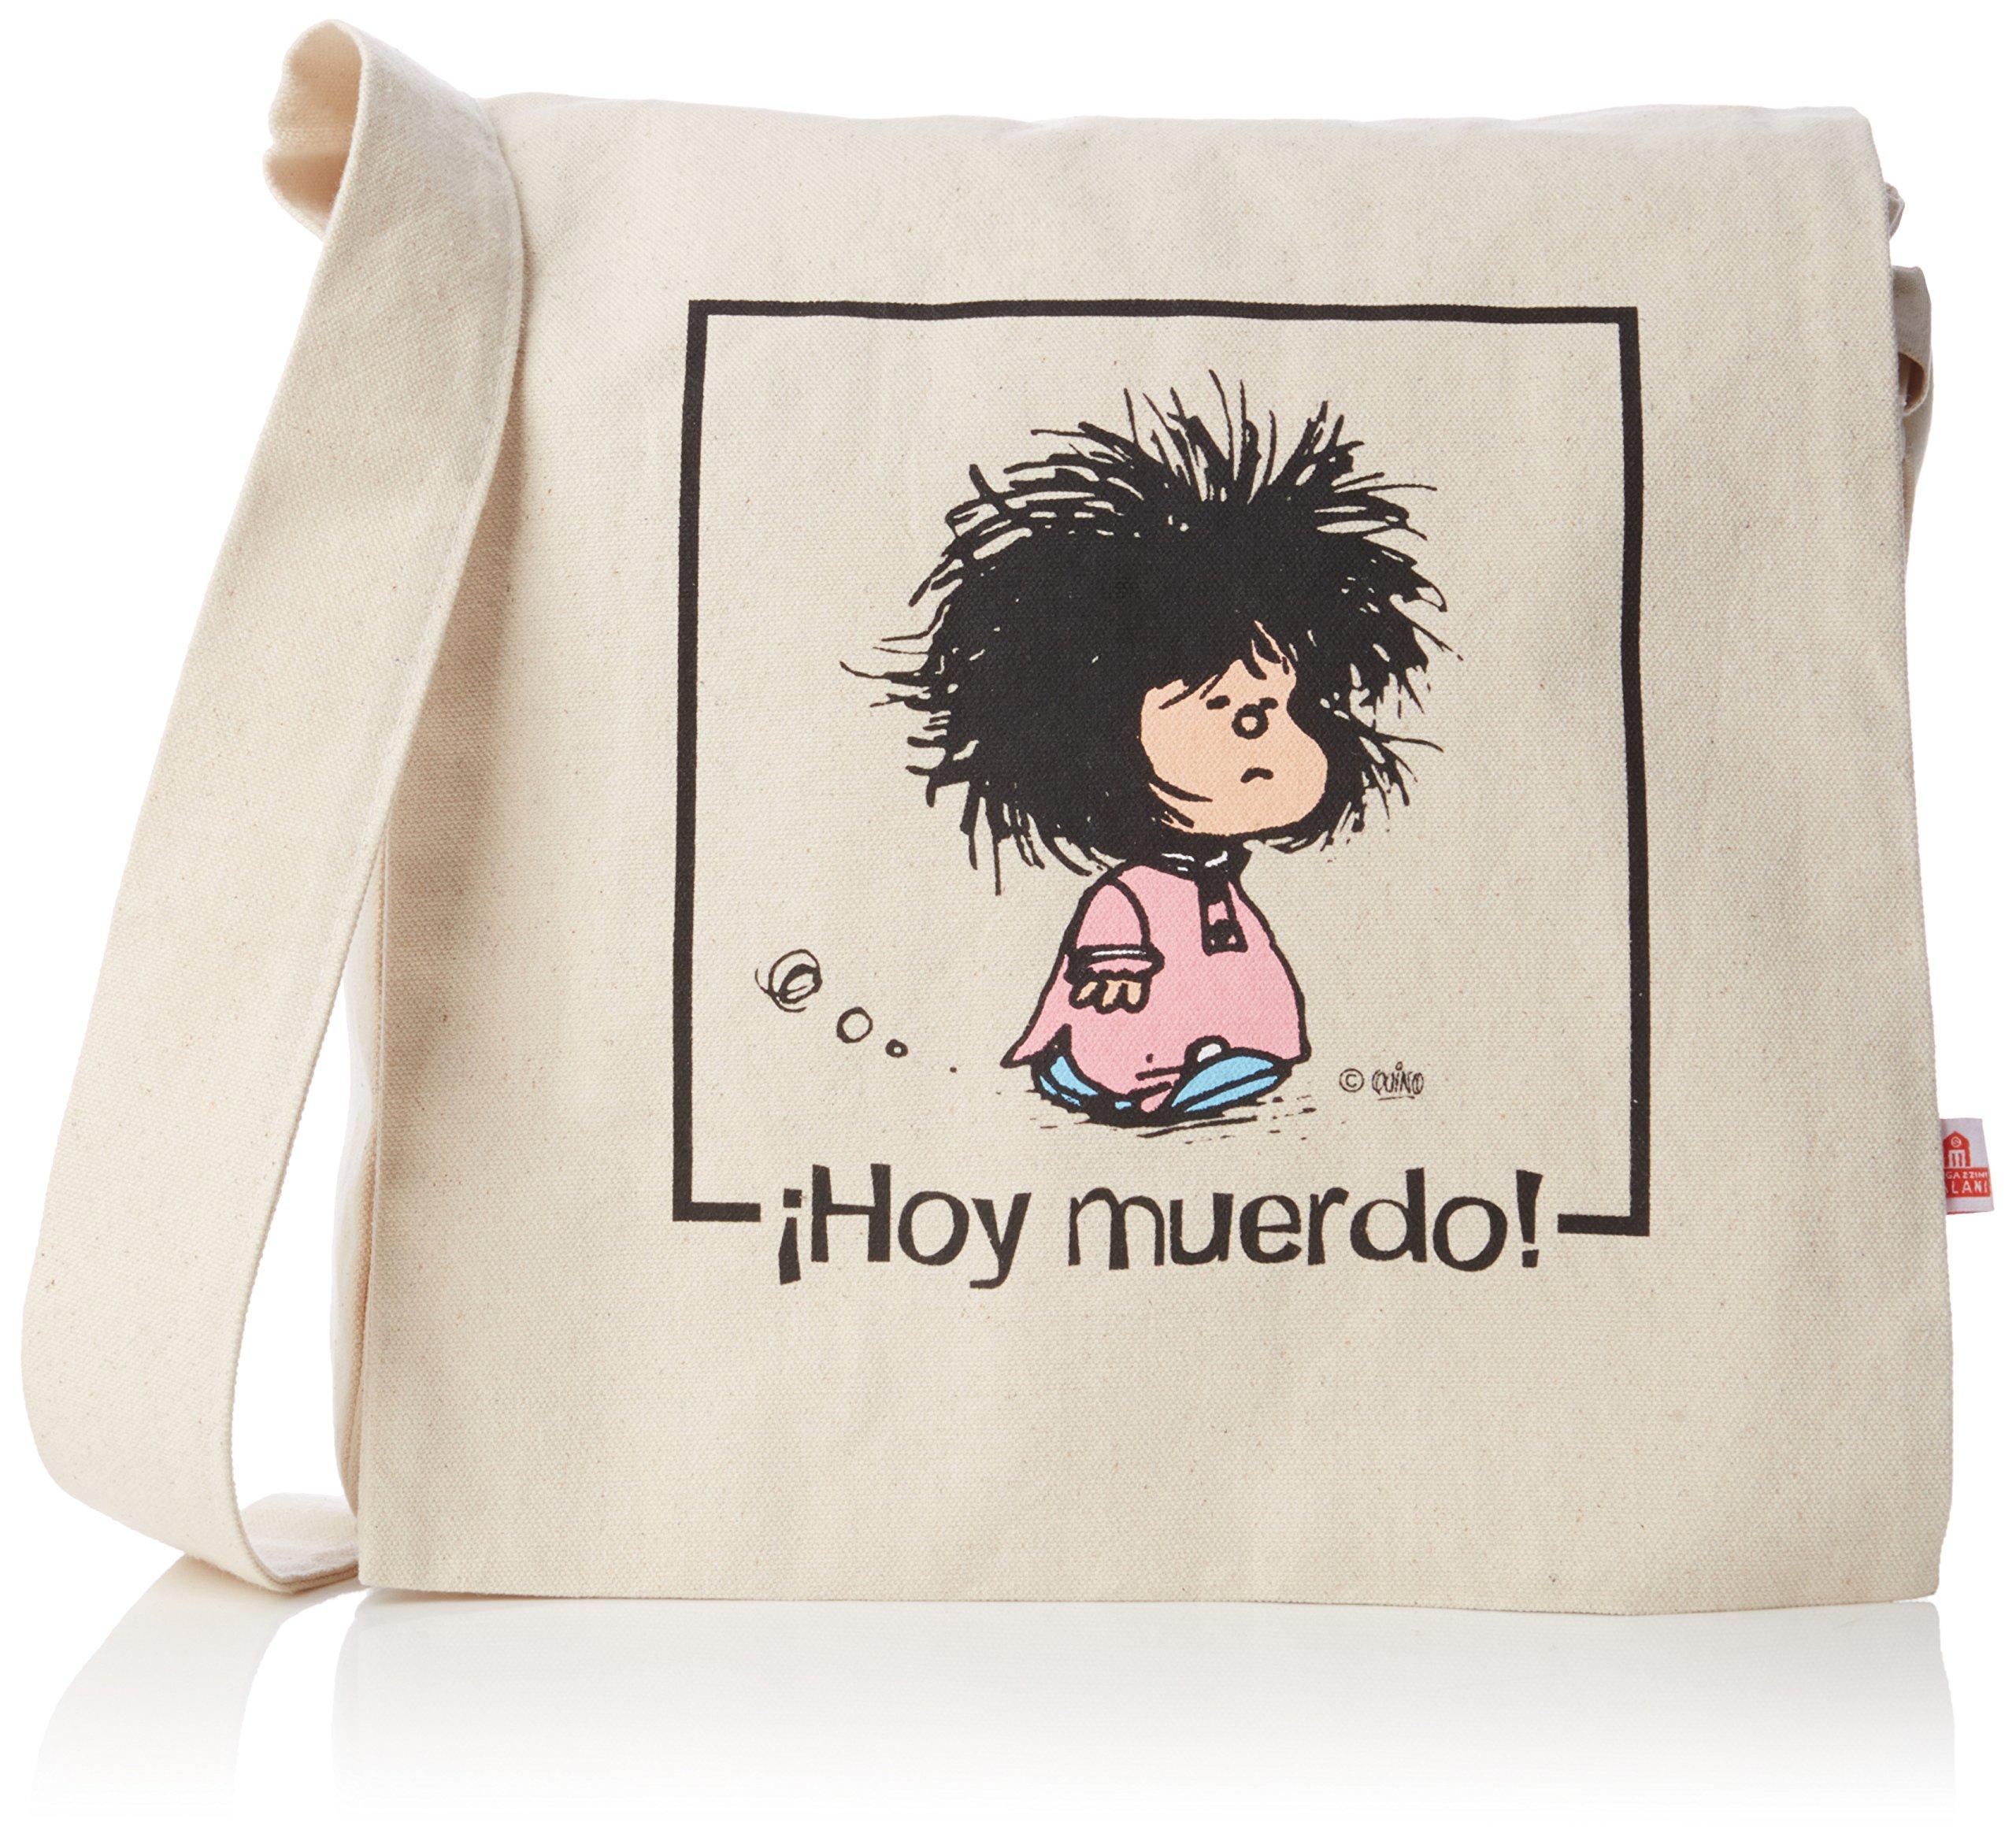 BANDOLERA MAFALDA HOY MUERDO: Amazon.es: Quino: Libros